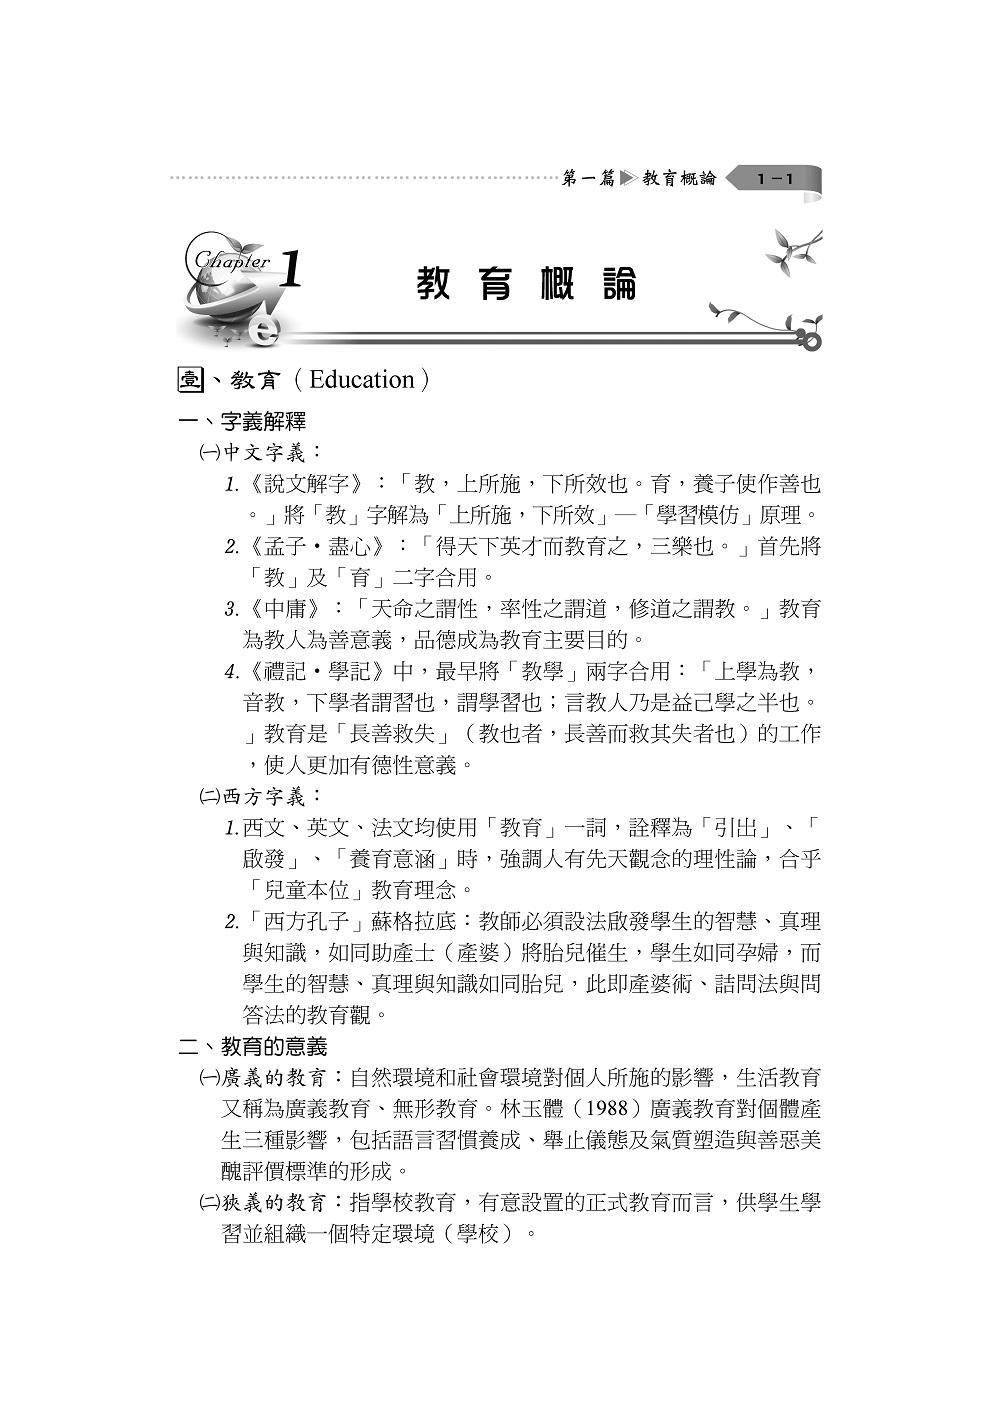 ◤博客來BOOKS◢ 暢銷書榜《推薦》教育綜合專業科目~高才訣學(教師甄試、教師檢定考試專用)